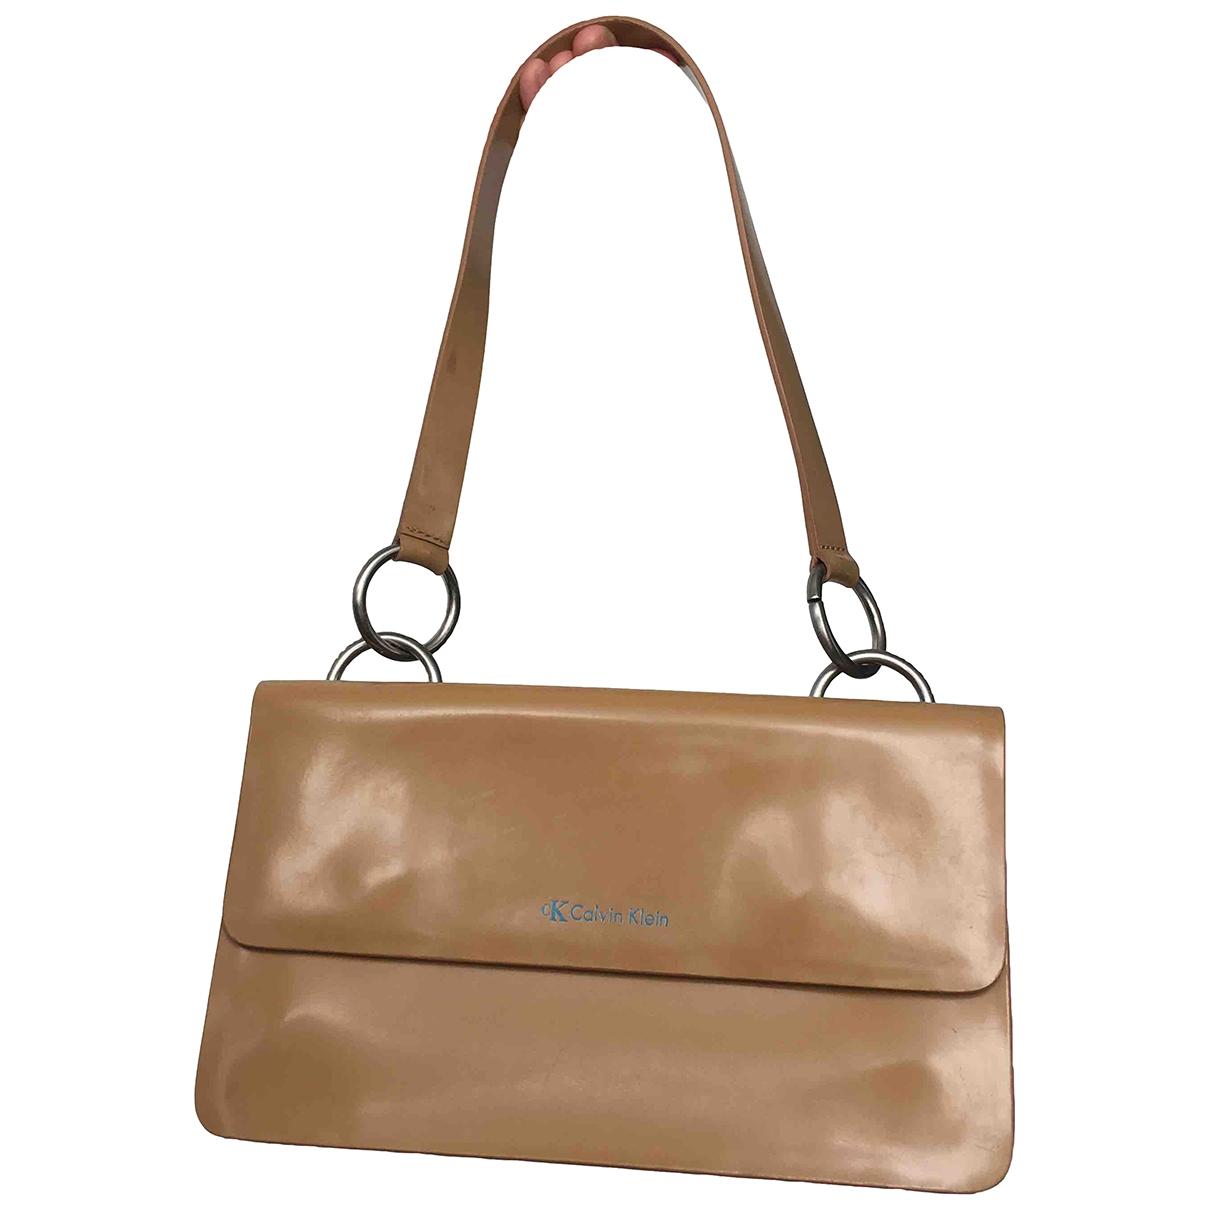 Calvin Klein \N Handtasche in  Beige Leder